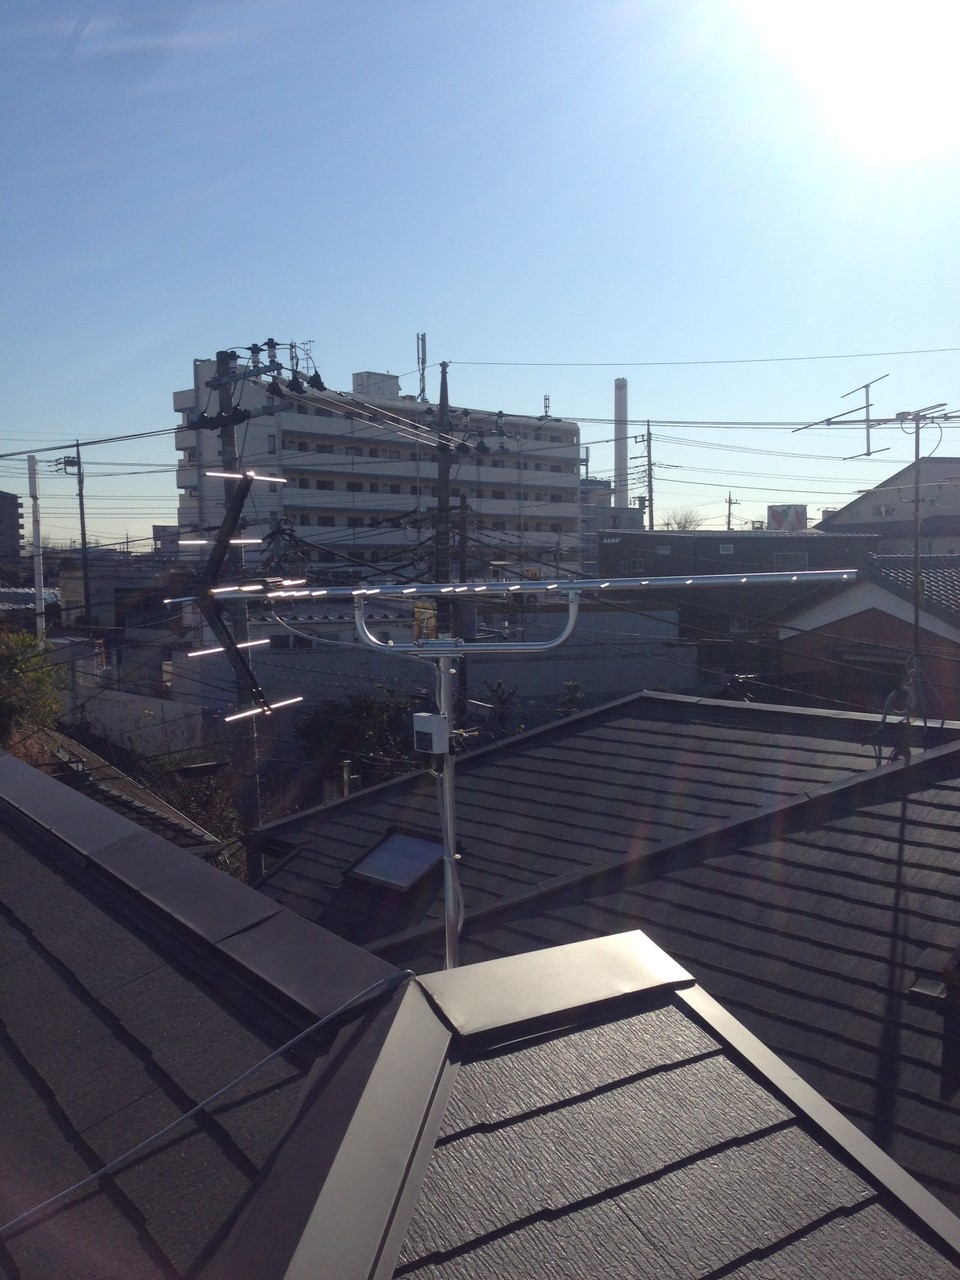 1226 松戸市松戸新田 東様_6542